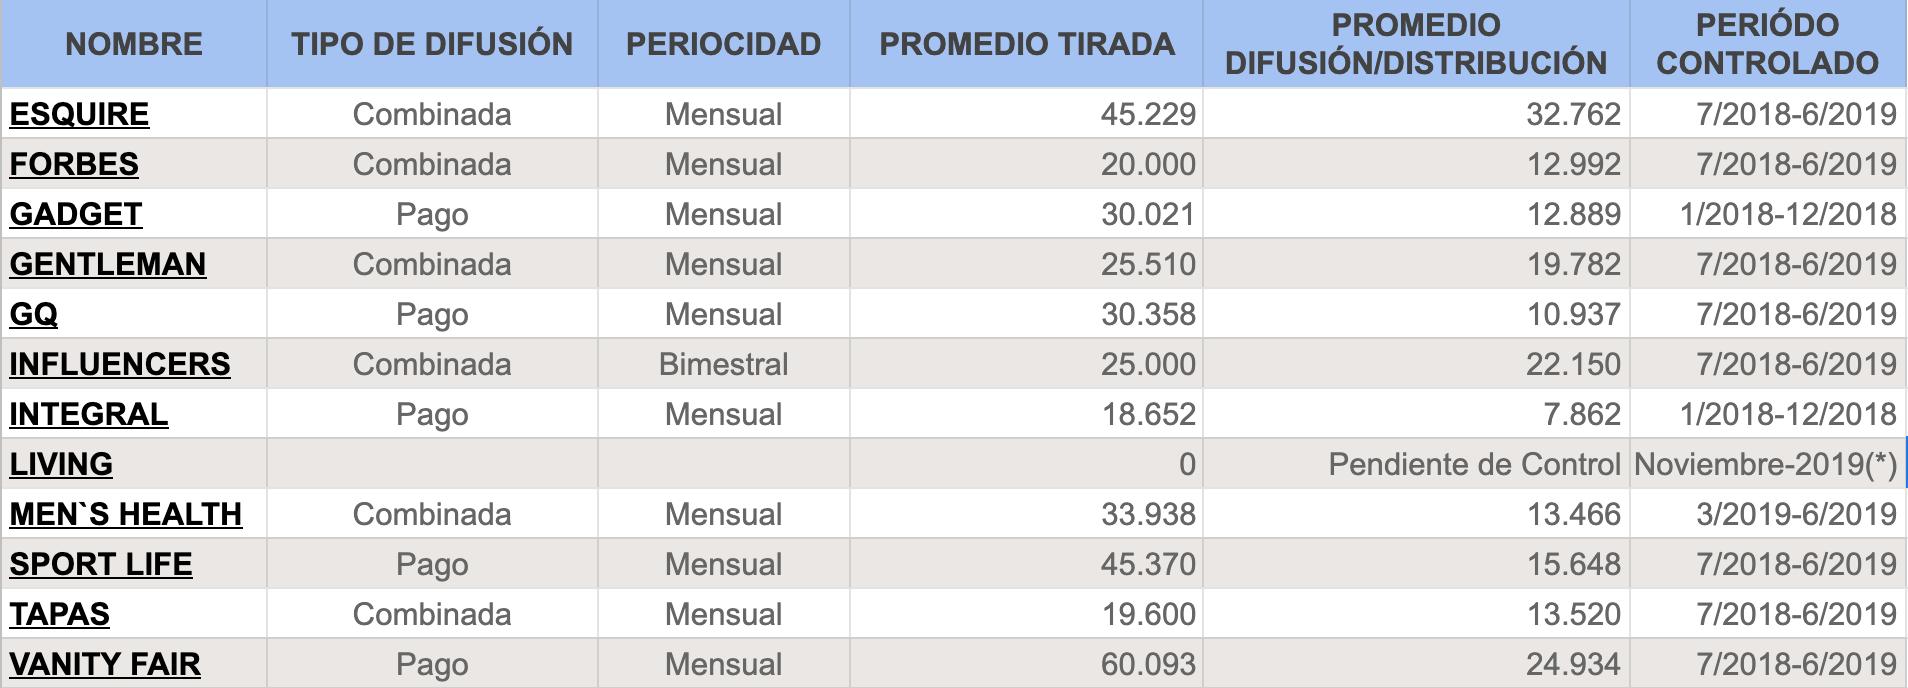 Ranking de revistas de estilo de vida según la OJD donde Gentleman está en 4º posición.